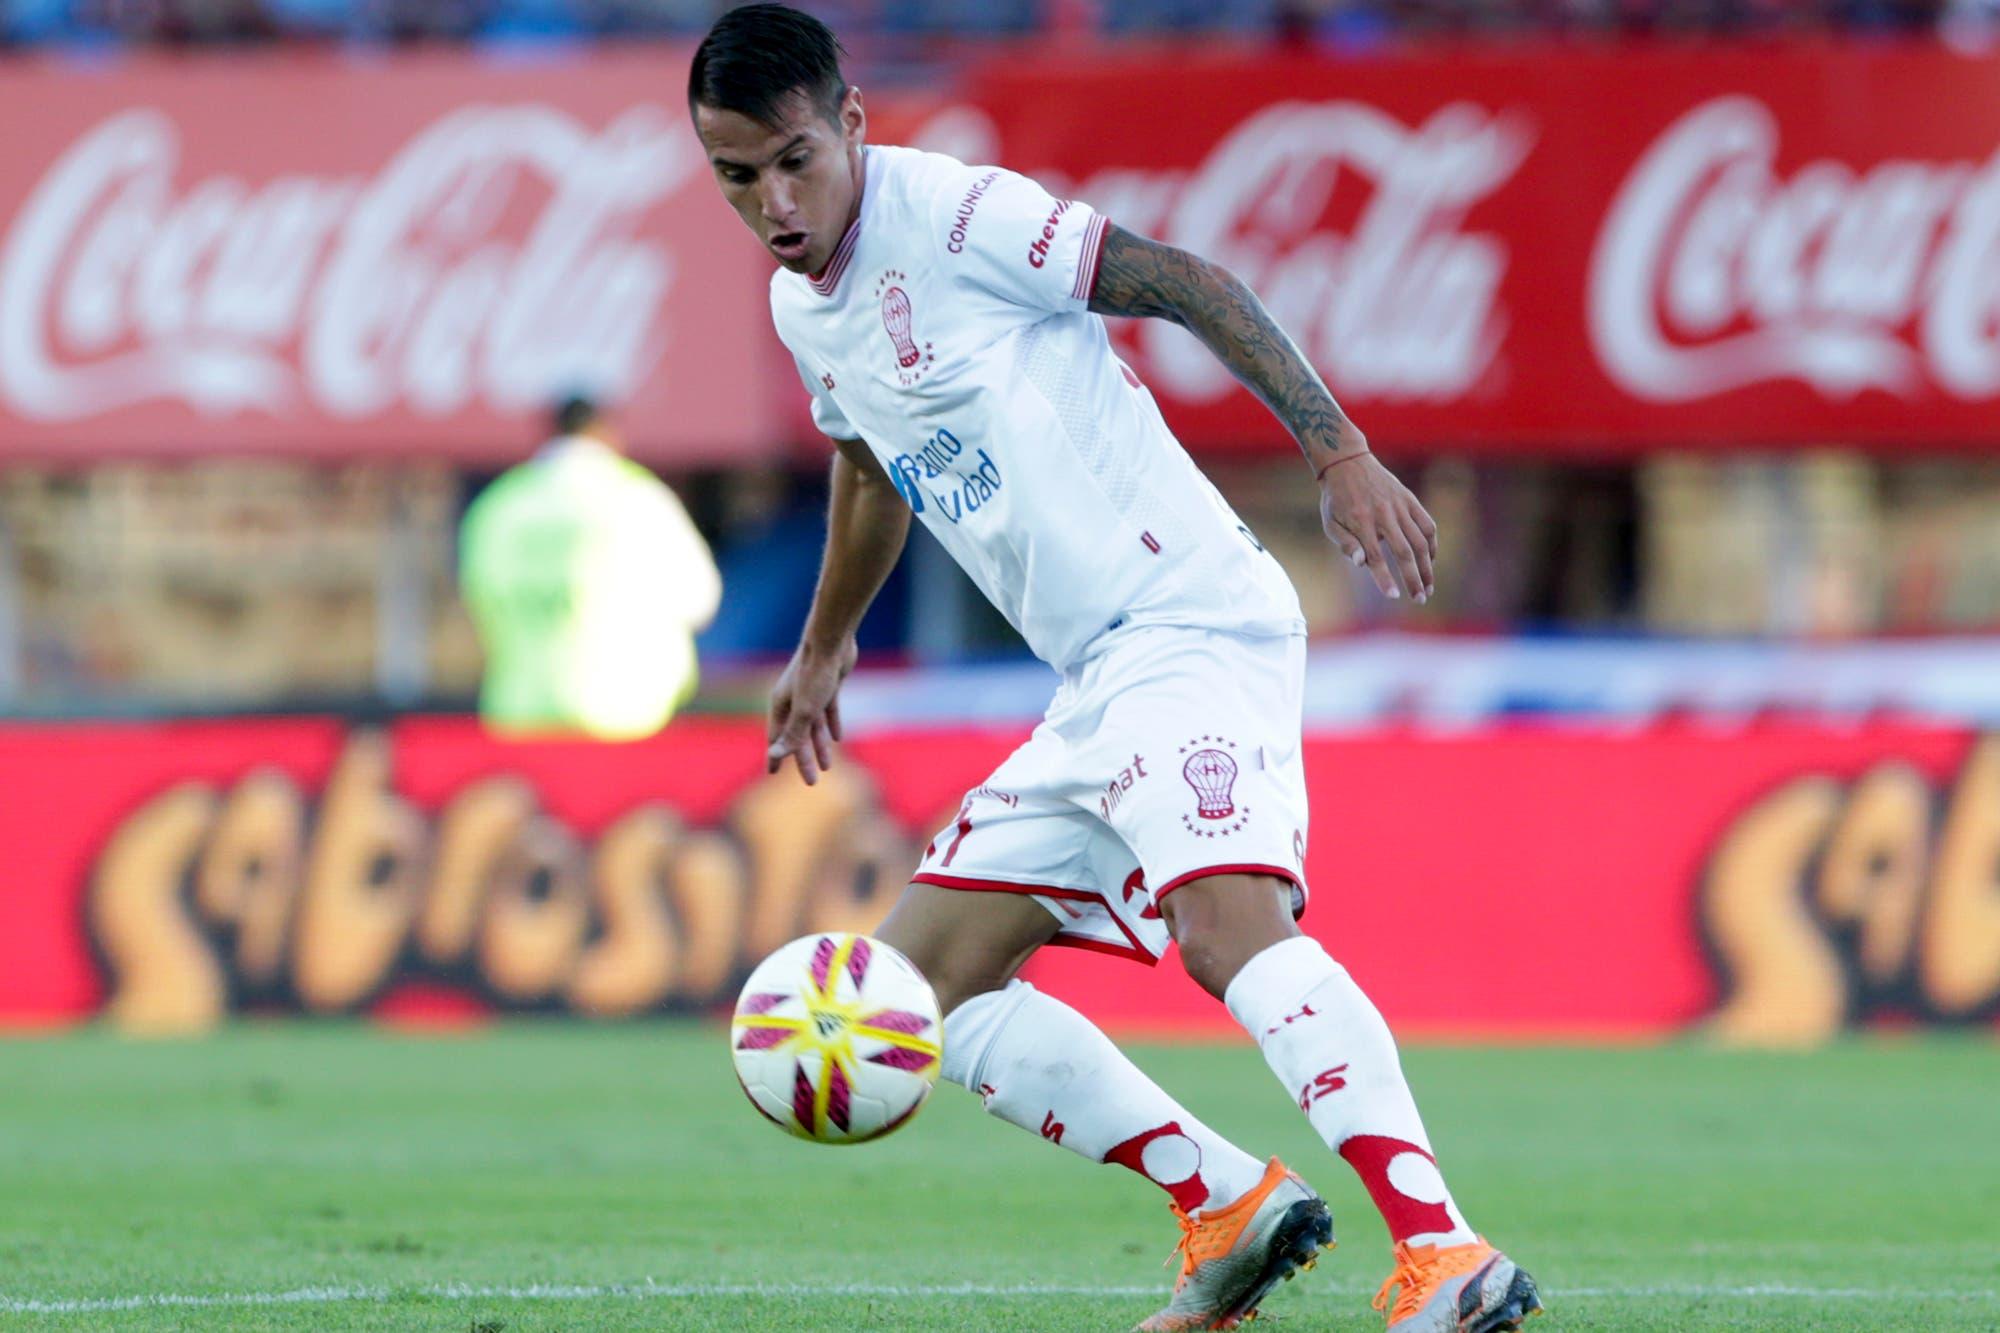 Huracán-San Martín de Tucumán, Superliga: el Globo pierde 2-1 y no reacciona